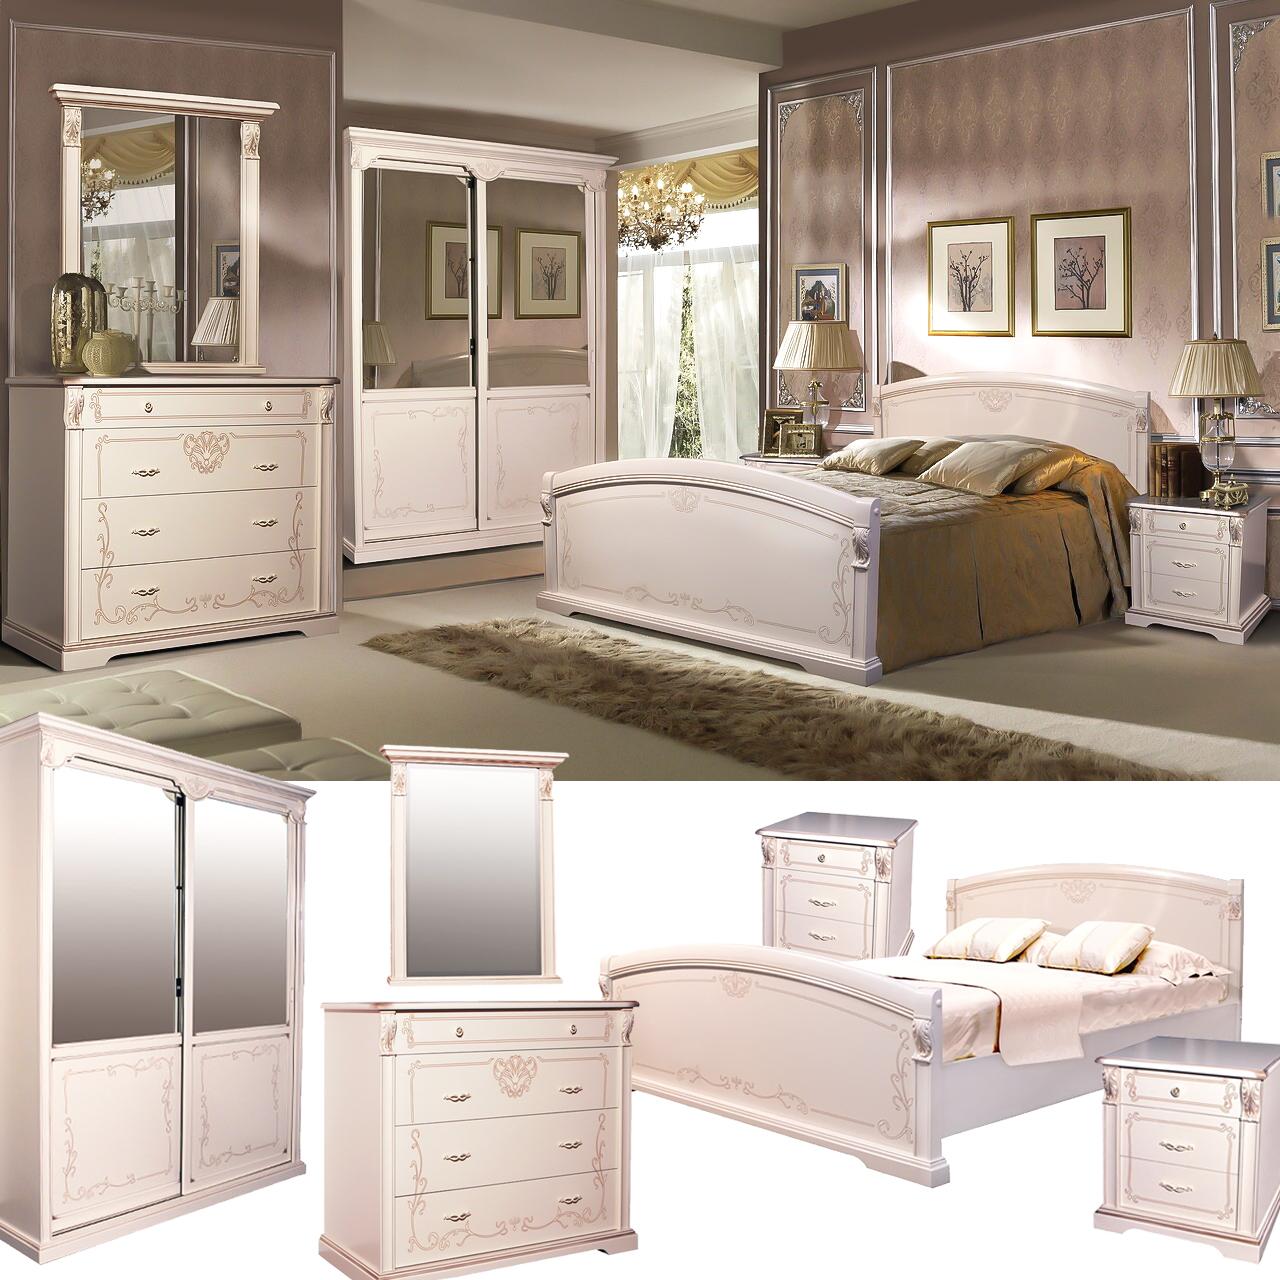 schlafzimmer komplett kaufen landhausmöbel schlafzimmer weiß luxus schlafzimmer